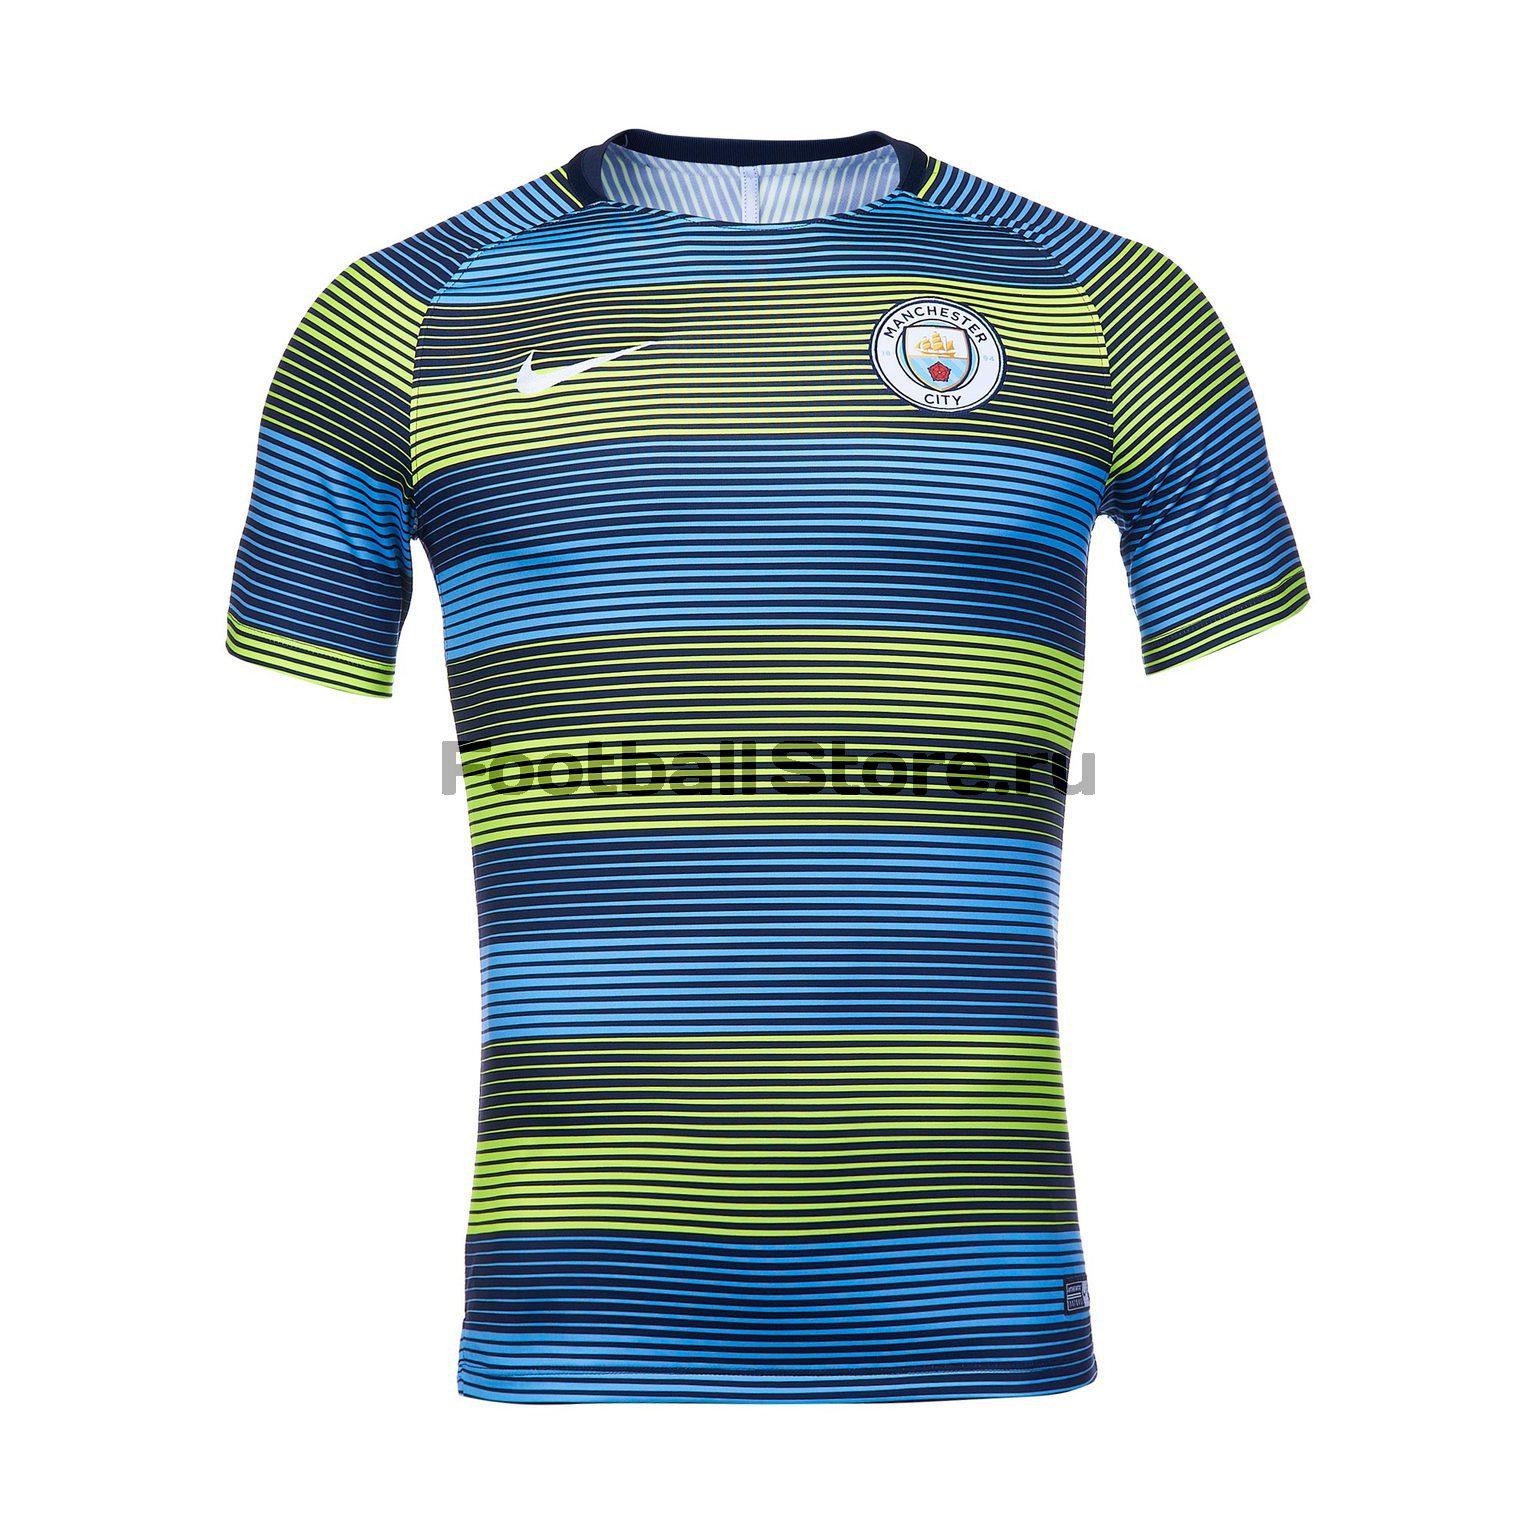 Футболка тренировочная Nike Manchester City 2018/19 футболка тренировочная подростковая nike размер xs